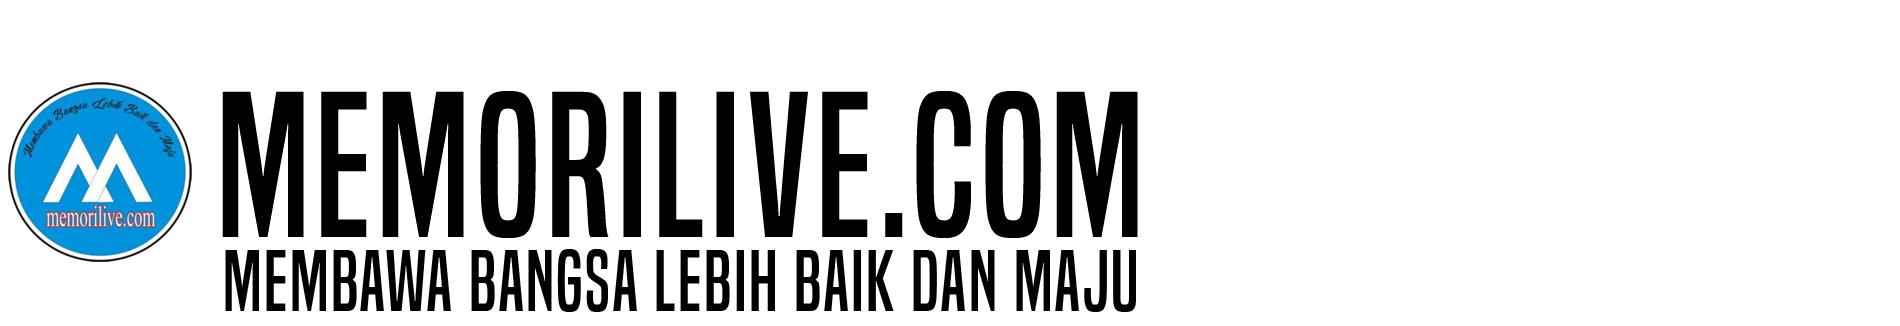 Memorilive.com